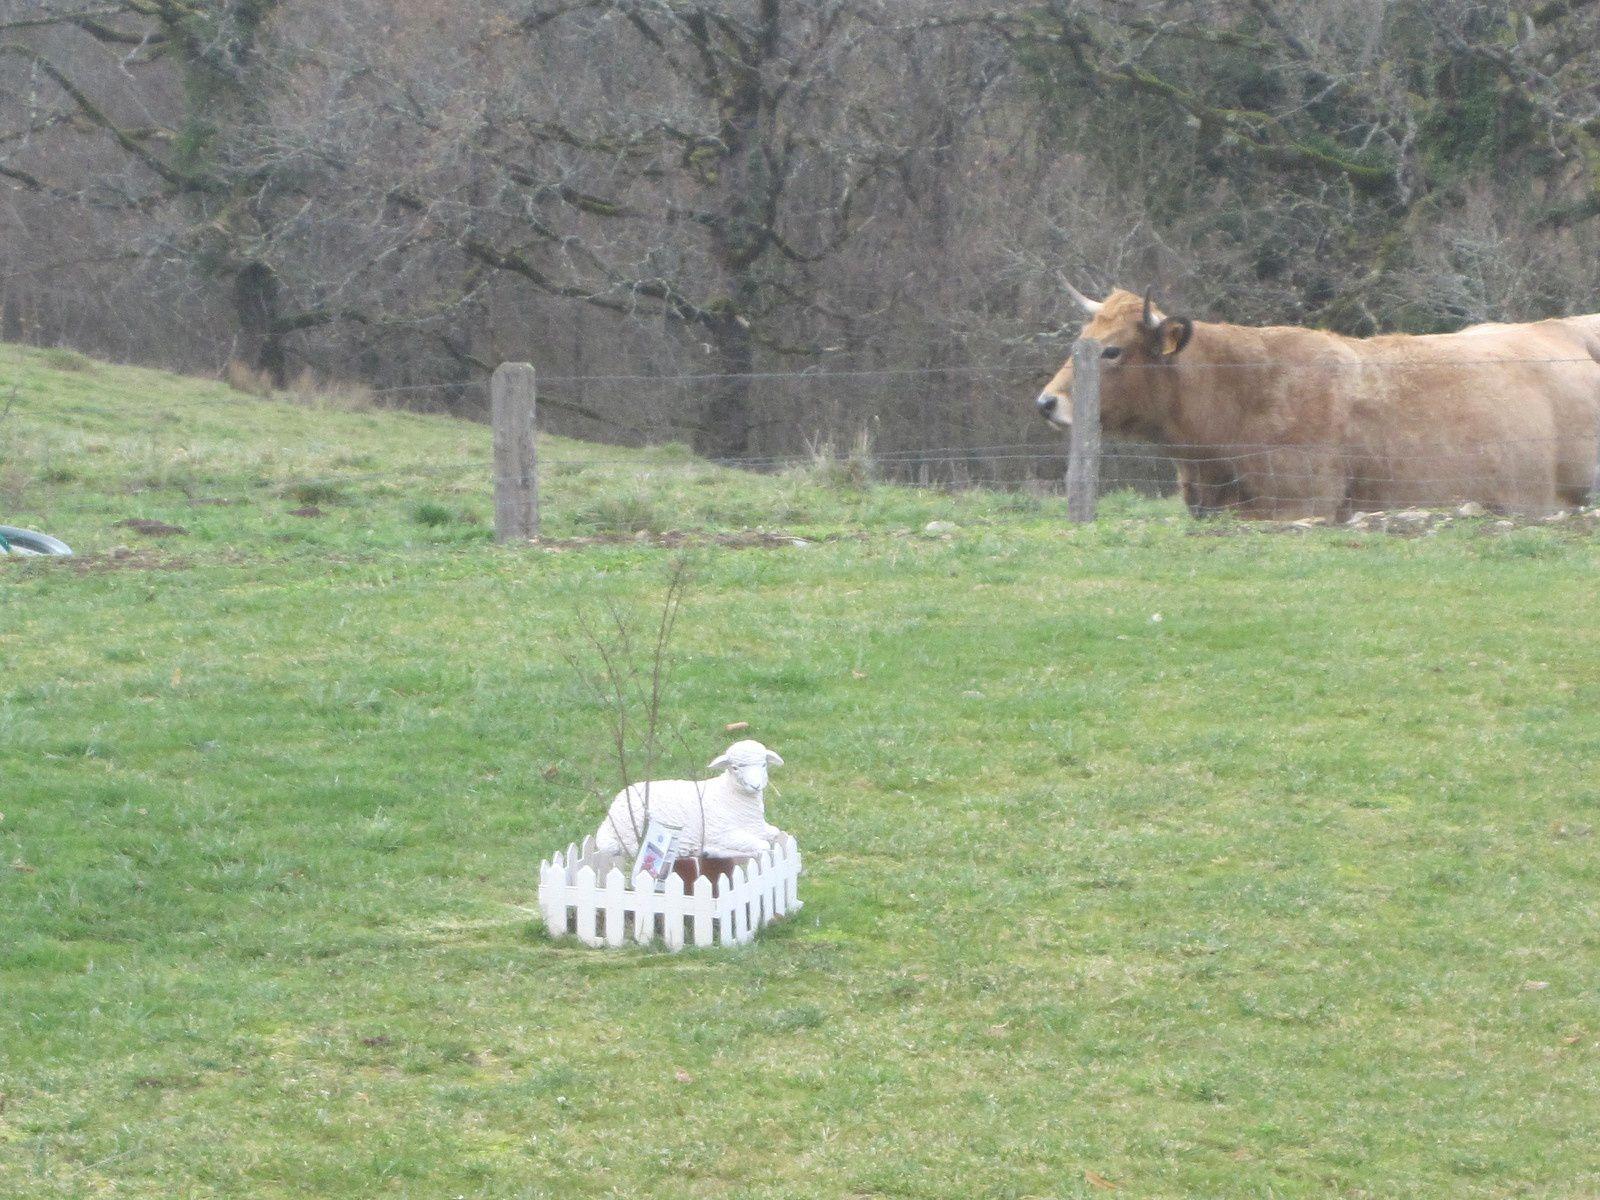 les insolites : un arbre torturé, un agneau statufié, un taureau très empressé, un avion oublié ........